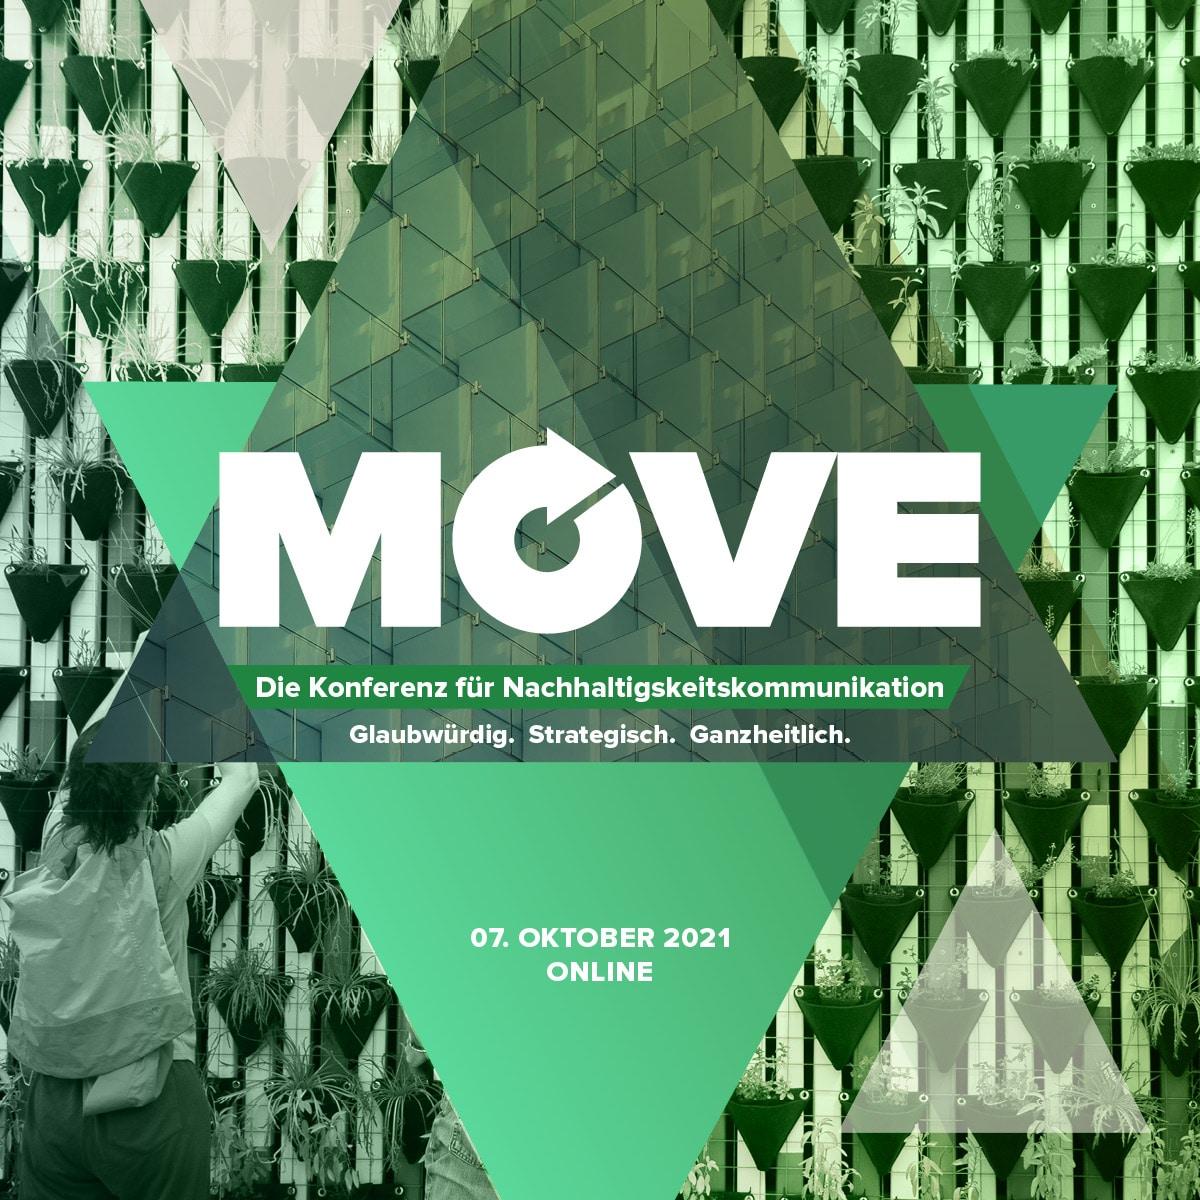 Move – Die Konferenz für Nachhaltigkeitskommunikation, 07.10.2021, in Online